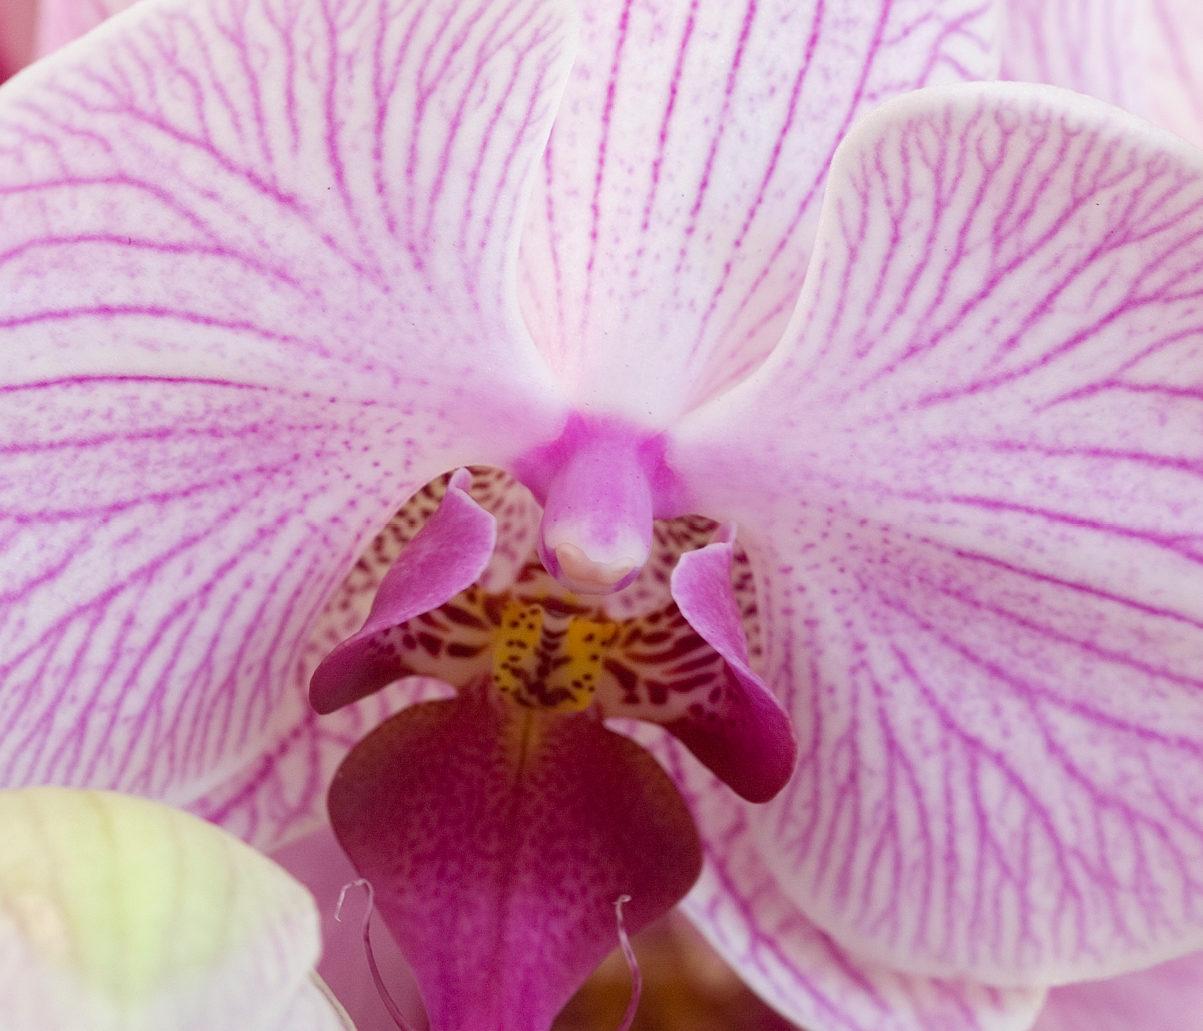 Ontmoet de populairste kamerplant: de phalaenopsis